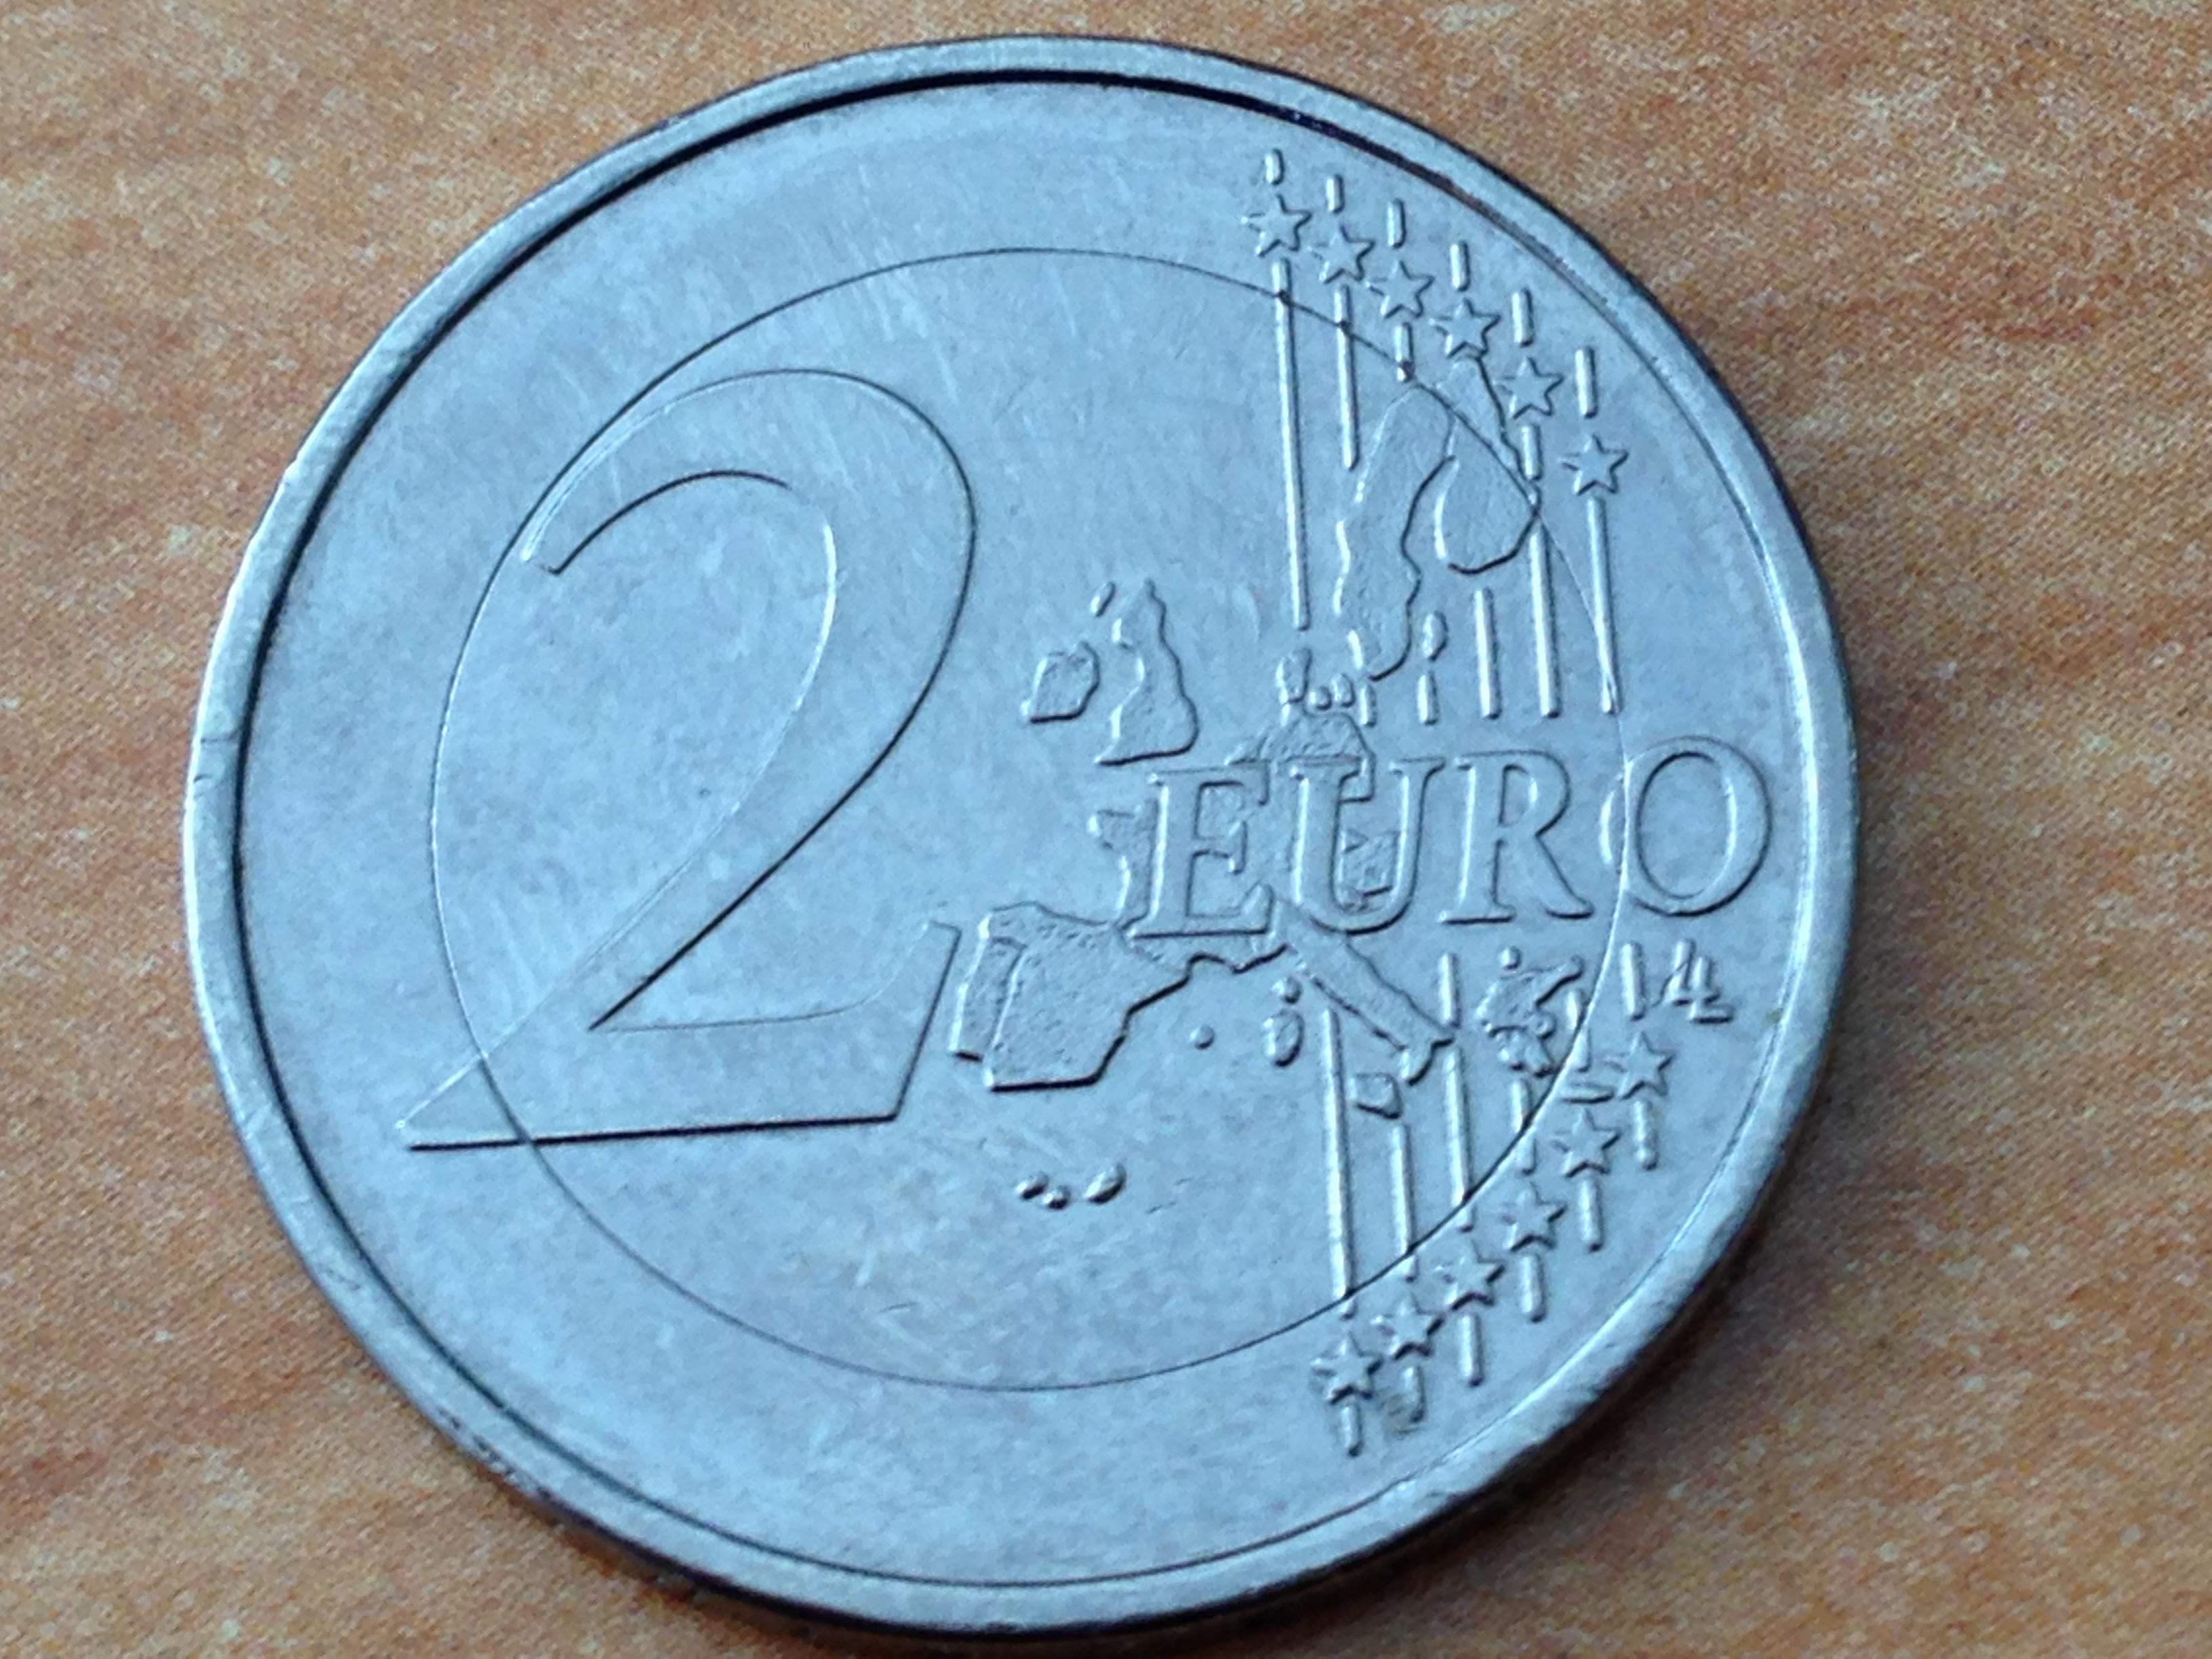 Wie Viel Wiegt 2 Euro Ausreise Info